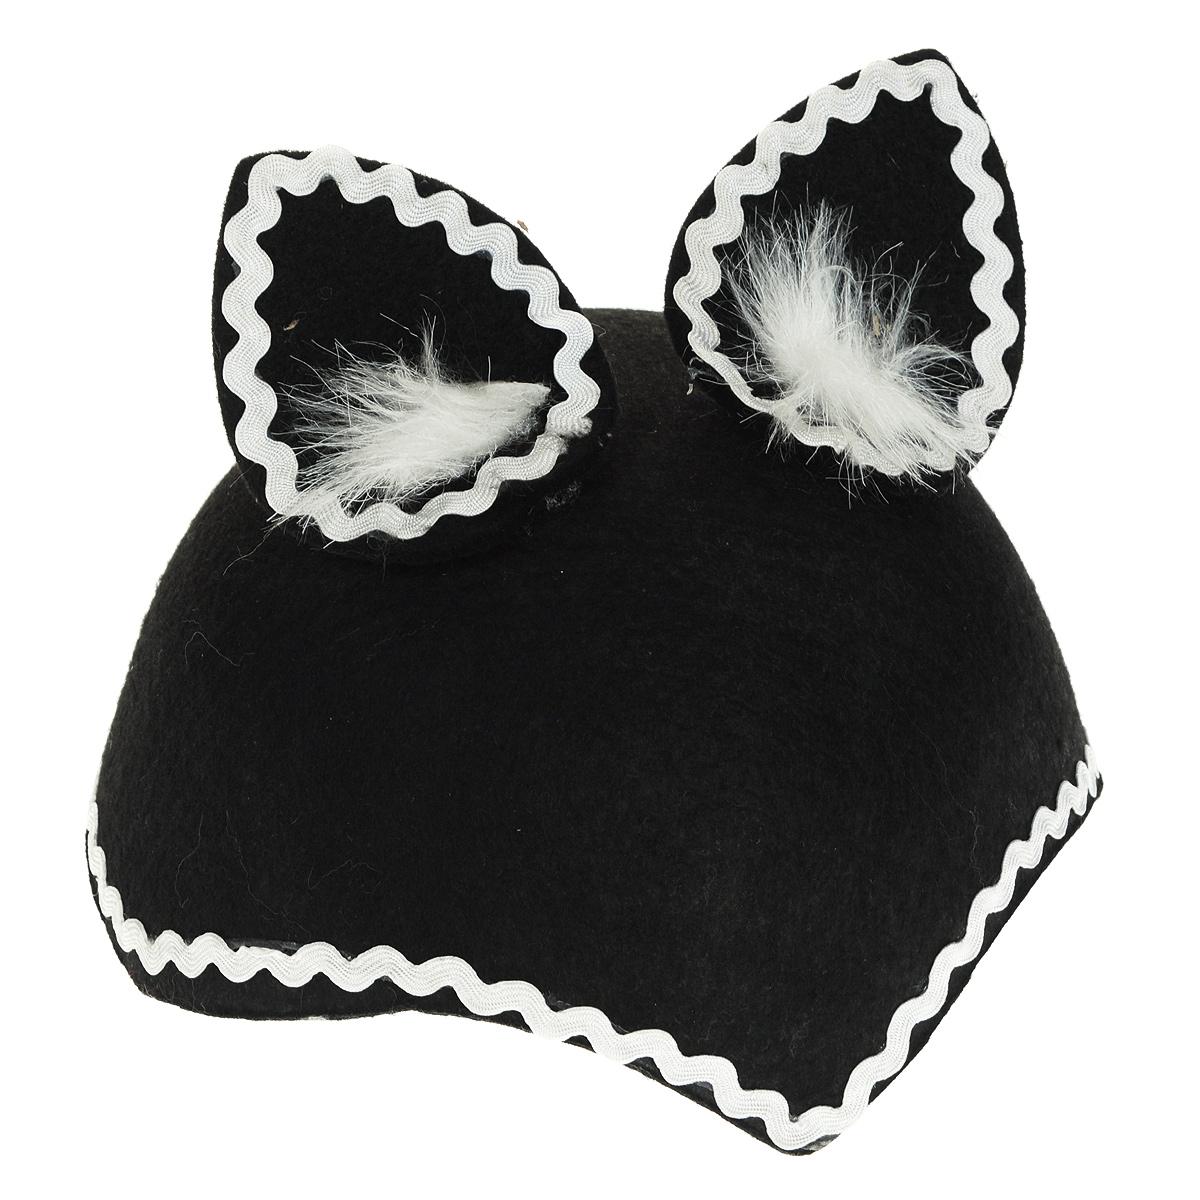 Купить Шапка-маска маскарадная Волчица , цвет: черный. Размер 55-56 см, Феникс-Презент, Аксессуары для детского праздника